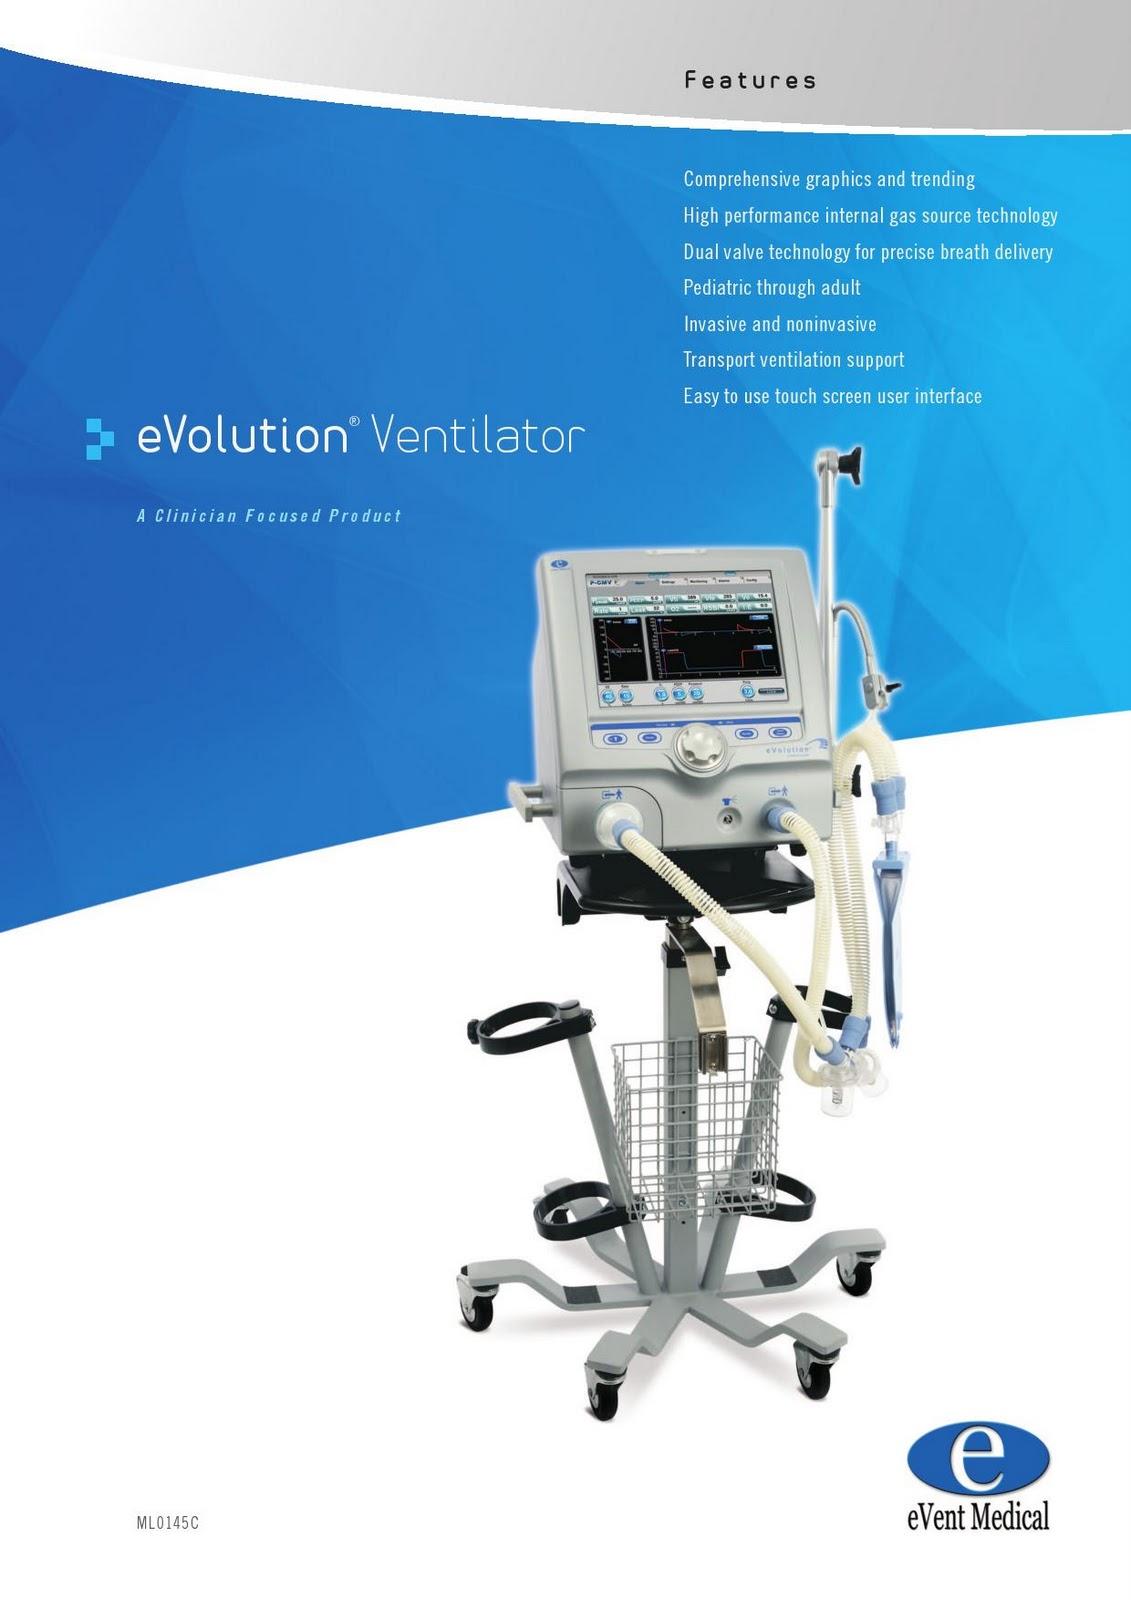 hd med ventilator management introduction to ventilator management. Black Bedroom Furniture Sets. Home Design Ideas